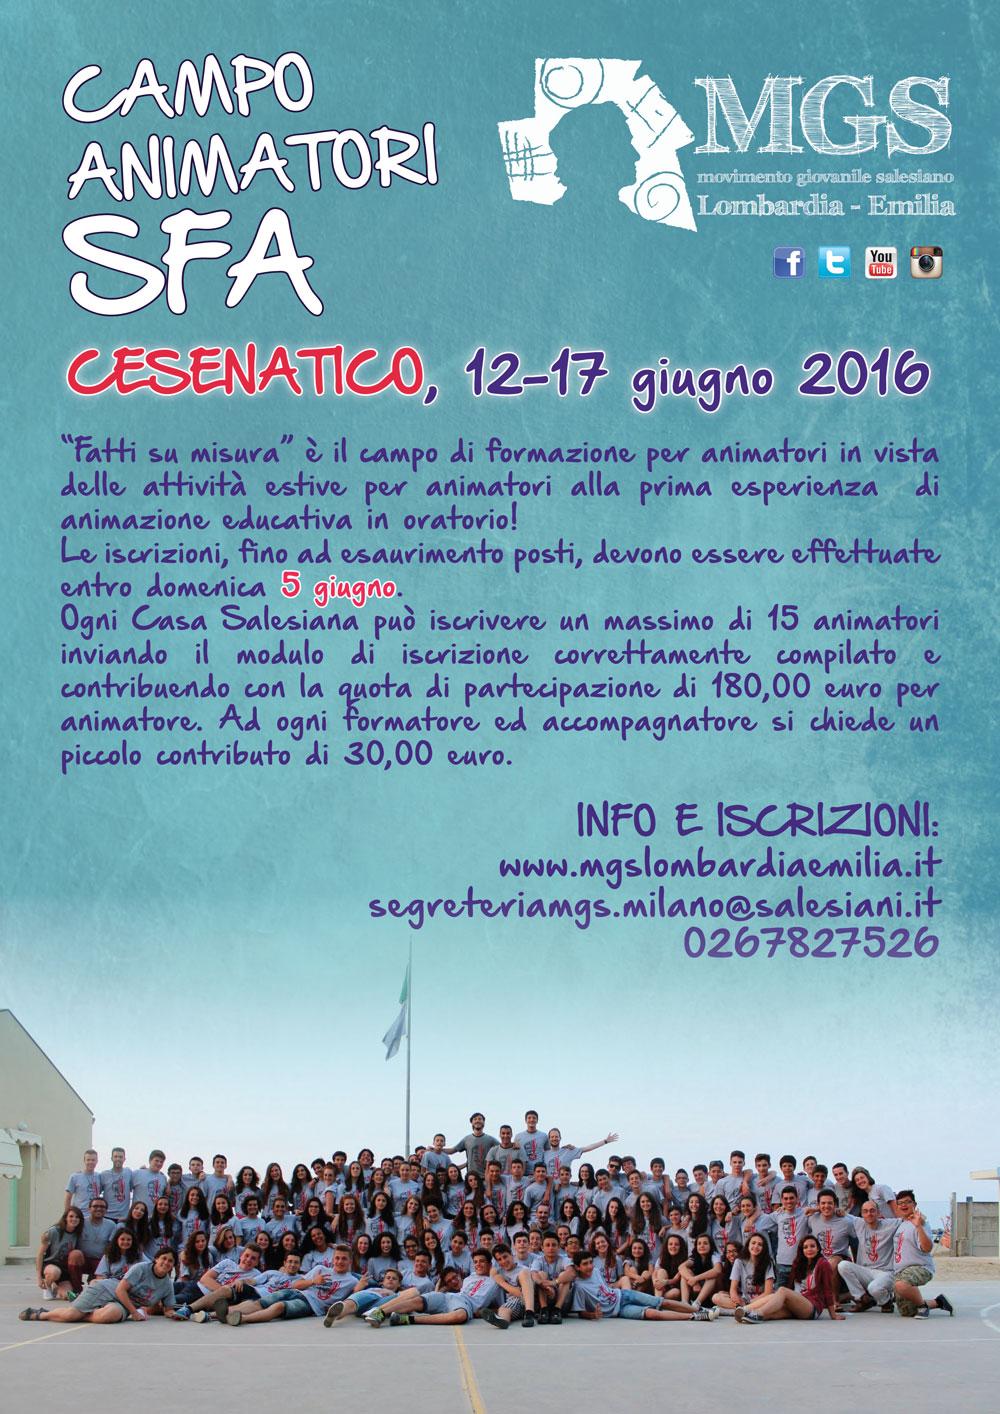 Volantino-cesenatico-2016